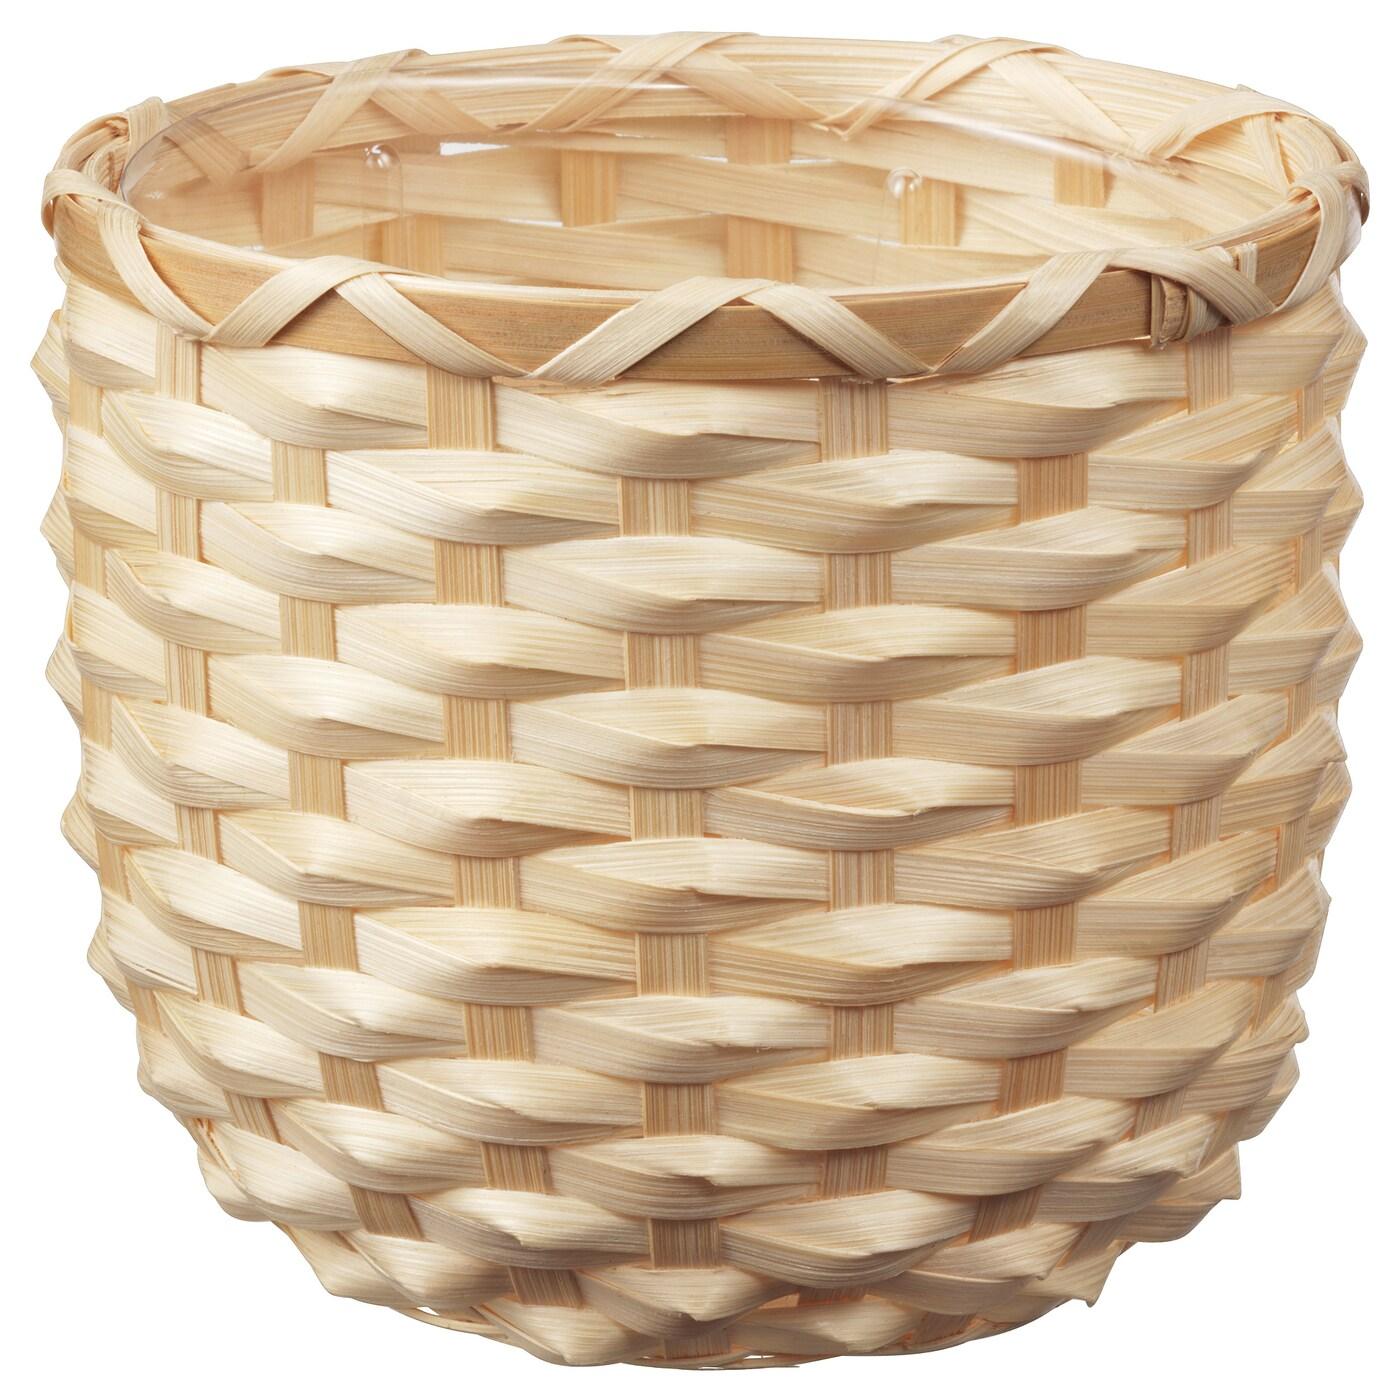 Kaffebona Plant Pot Bamboo Height 5 Ikea